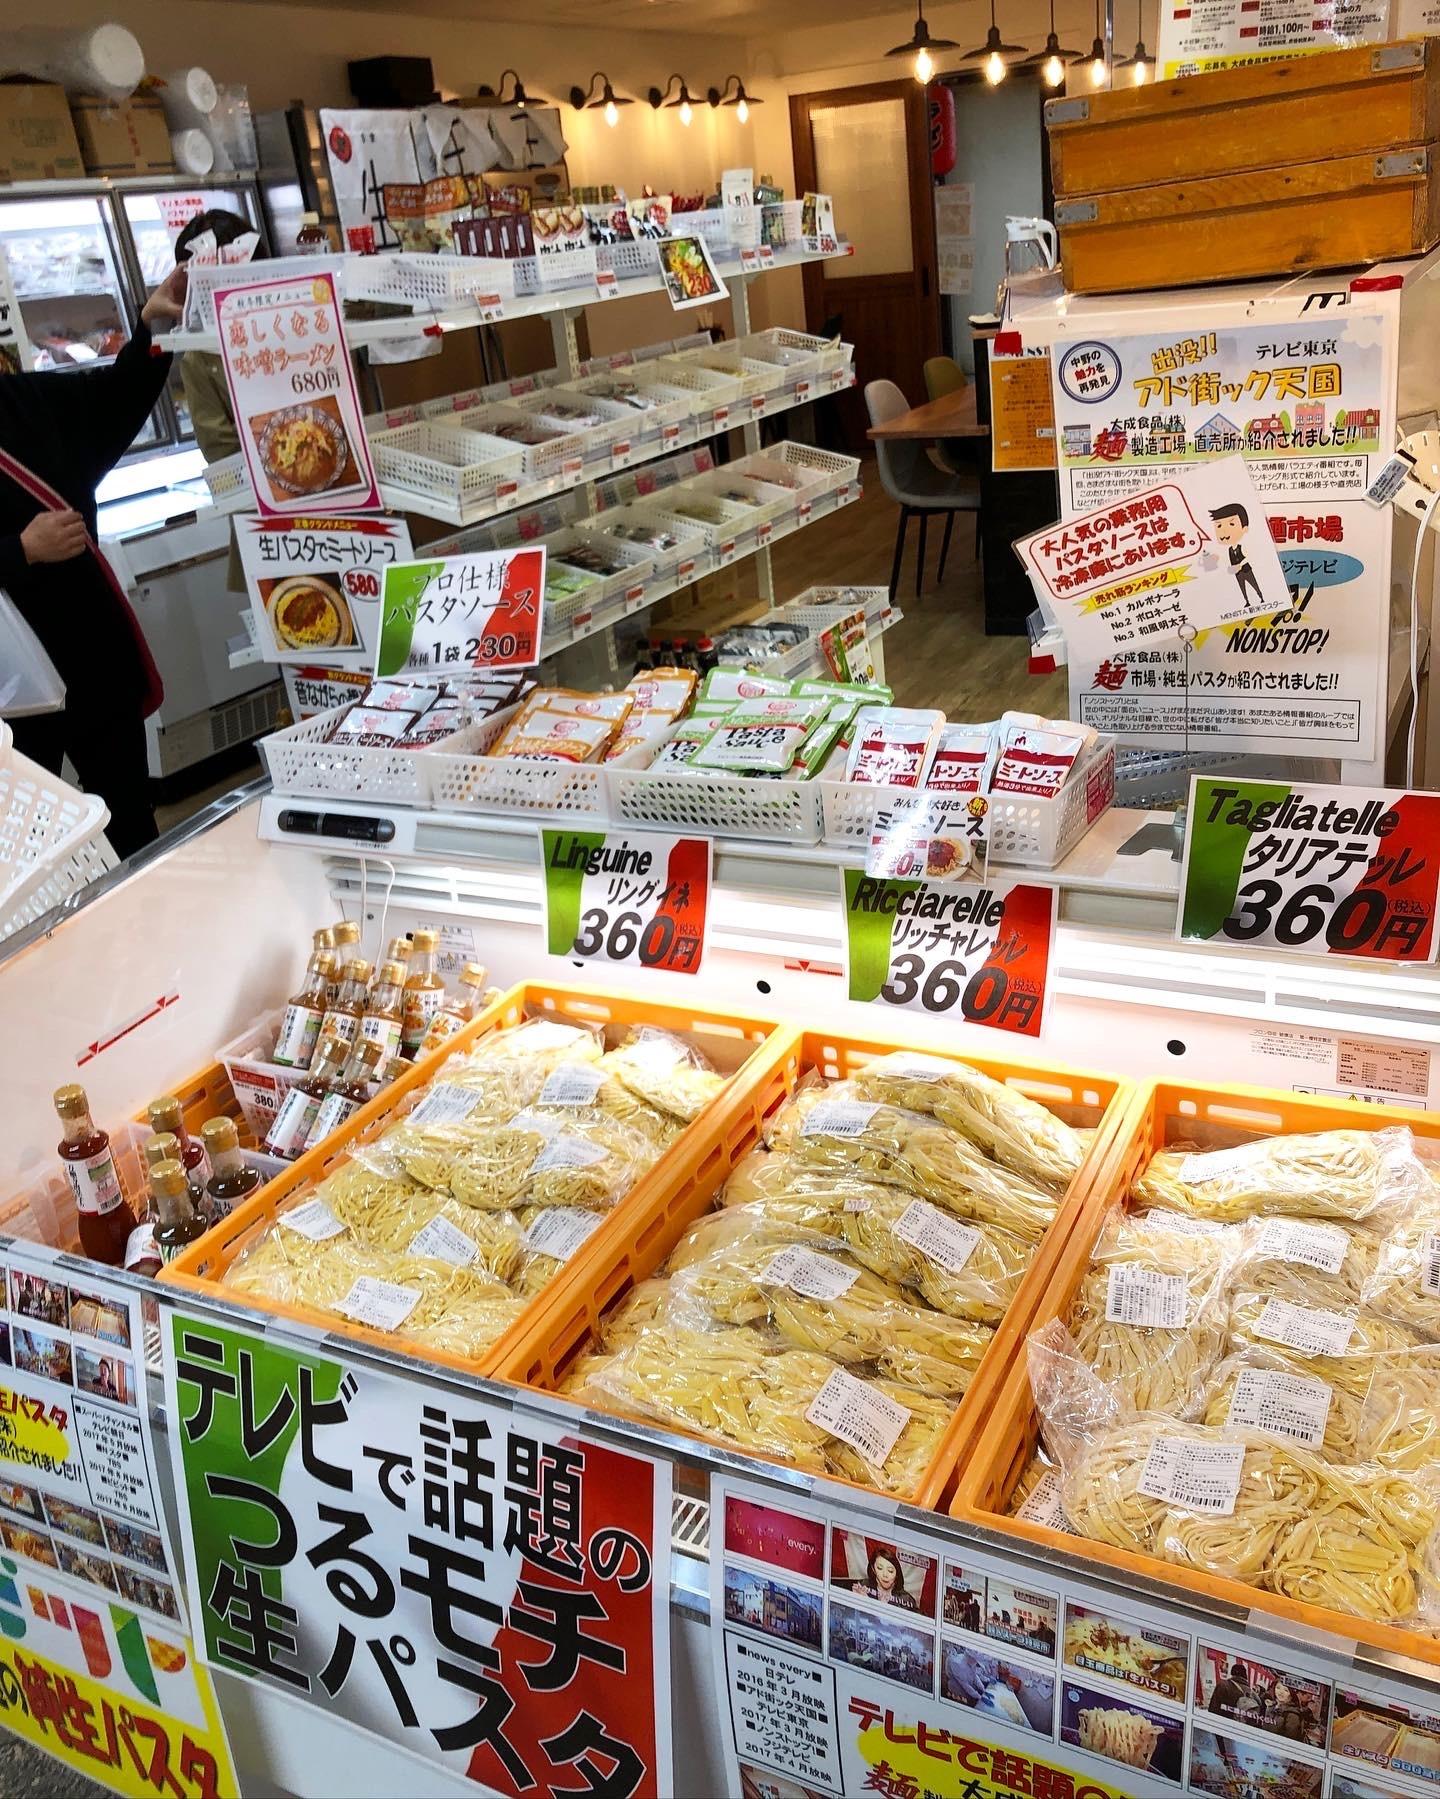 麺テイスティング・カフェショップ MENSTAパスタコーナー